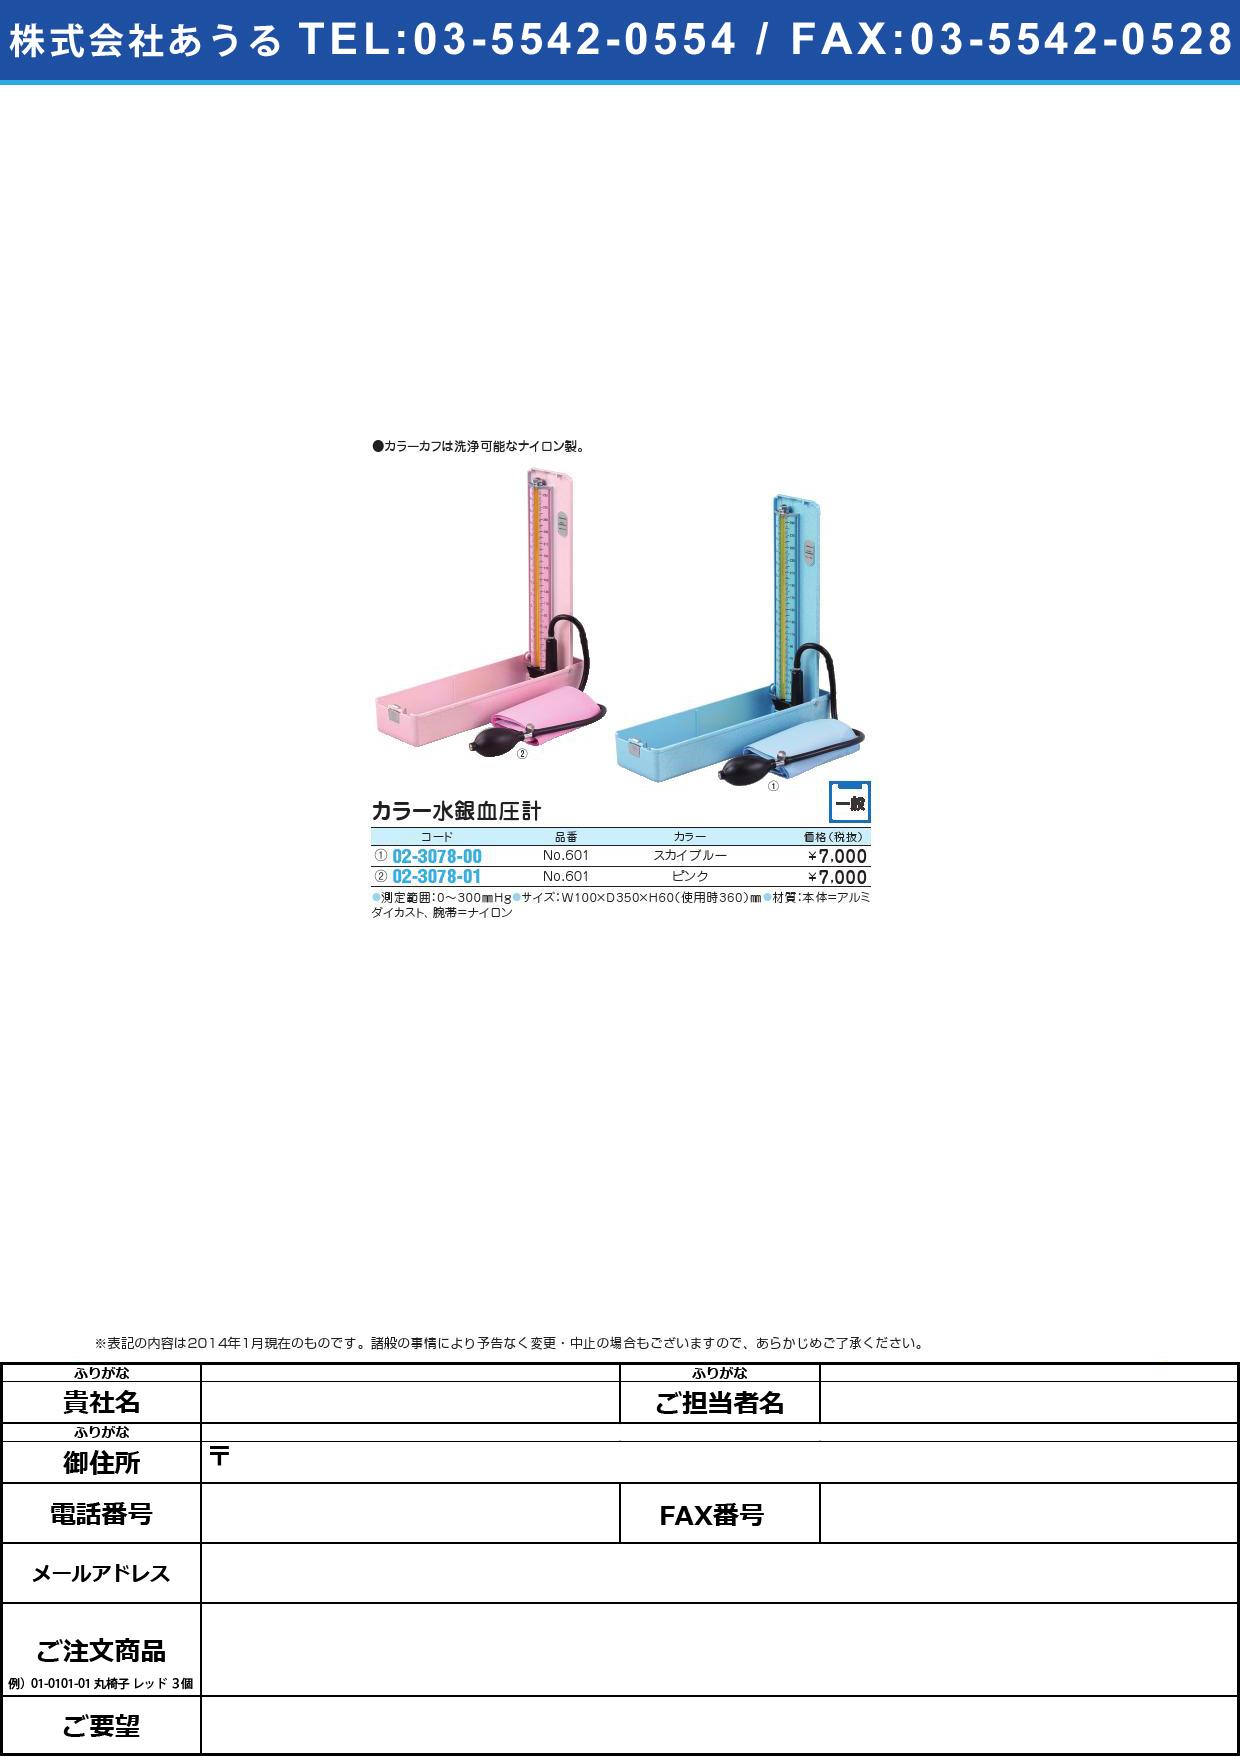 カラー水銀血圧計 カラースイギンケツアツケイ NO.601(スカイブルー)【1台単位】(02-3078-00)